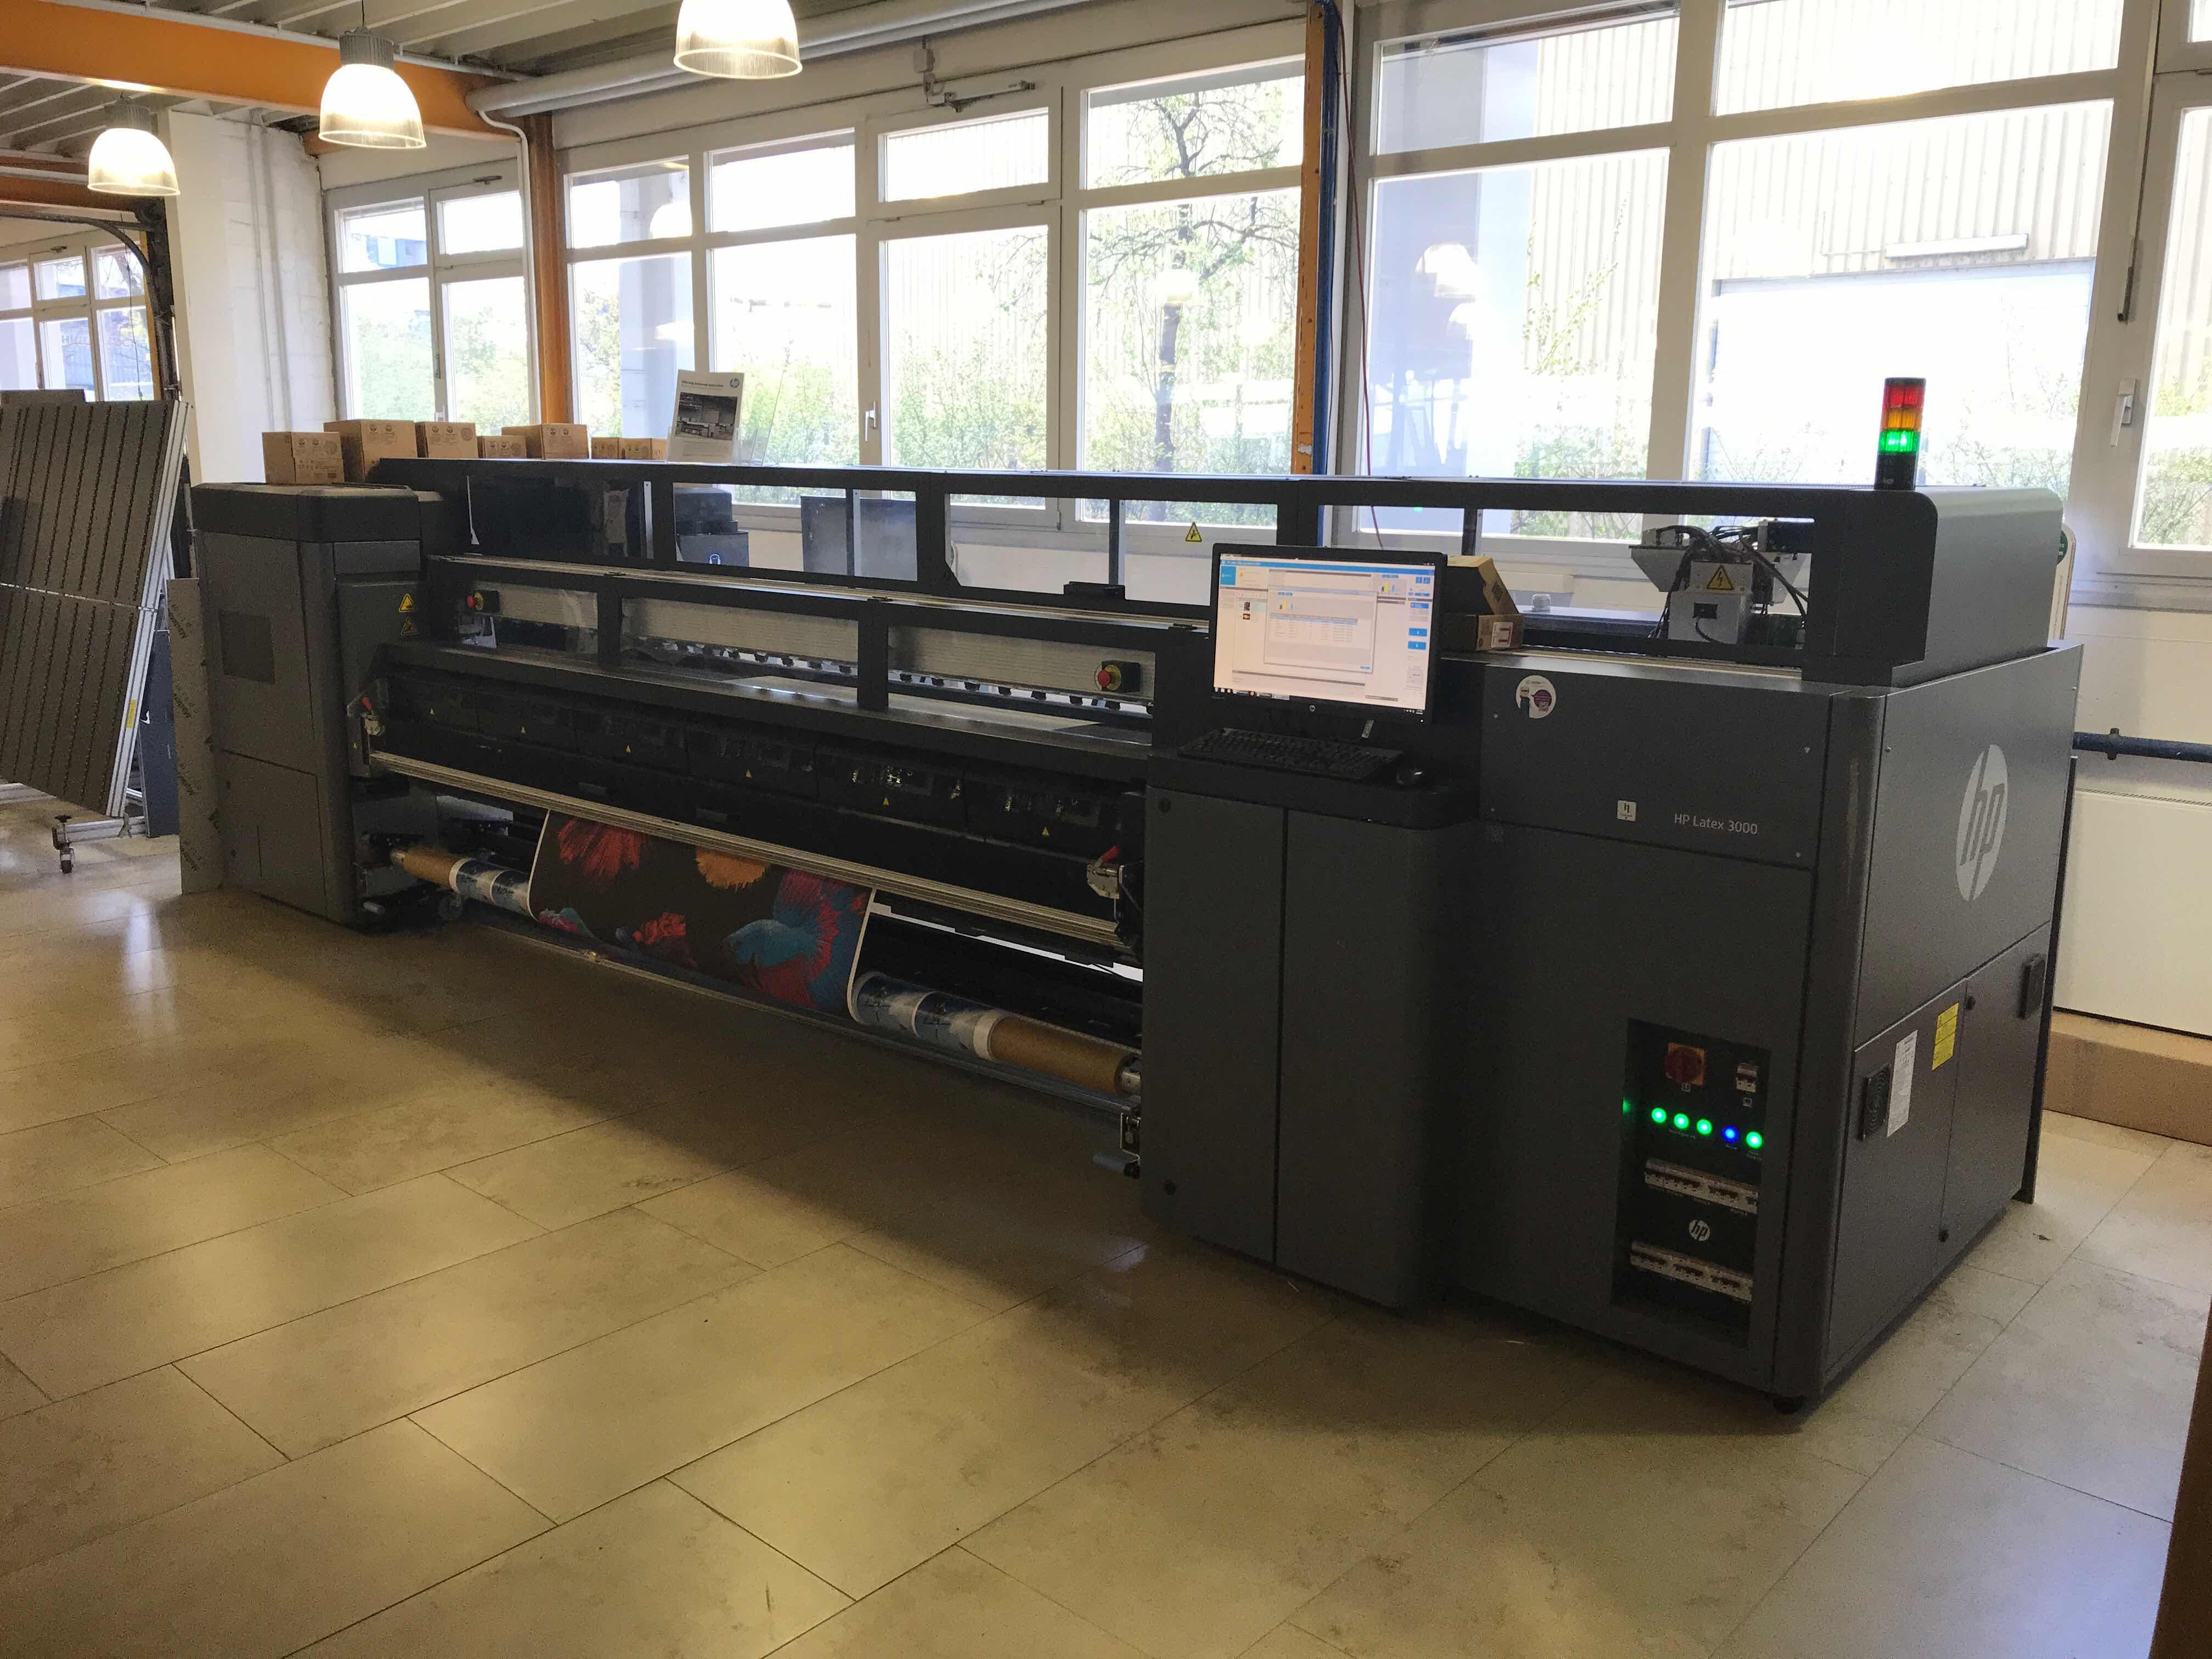 HP Latex 3500 - Gebrauchtgerät